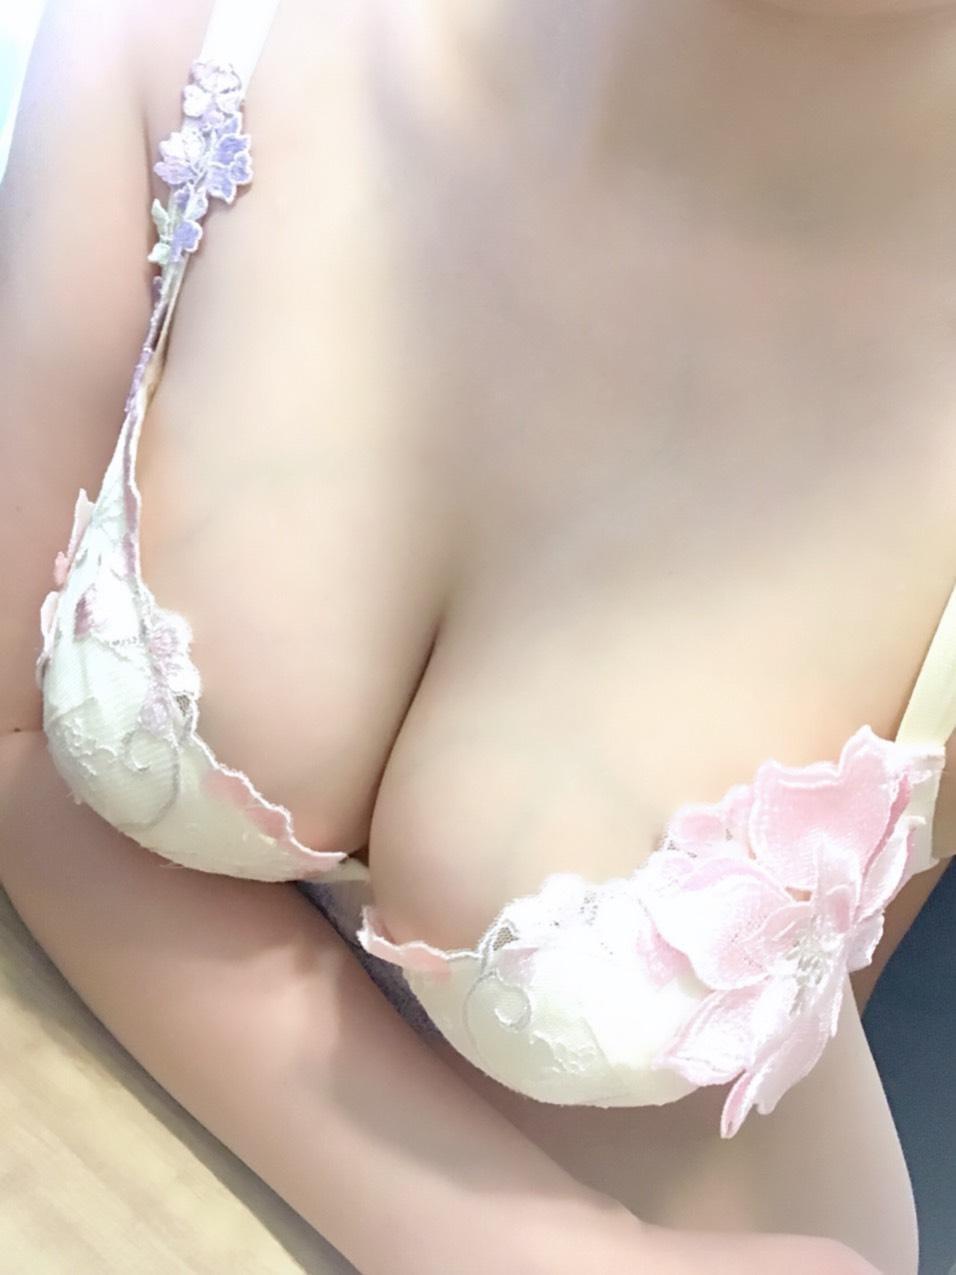 「こんばんは♡」11/13(火) 01:57 | 川崎 みれいの写メ・風俗動画